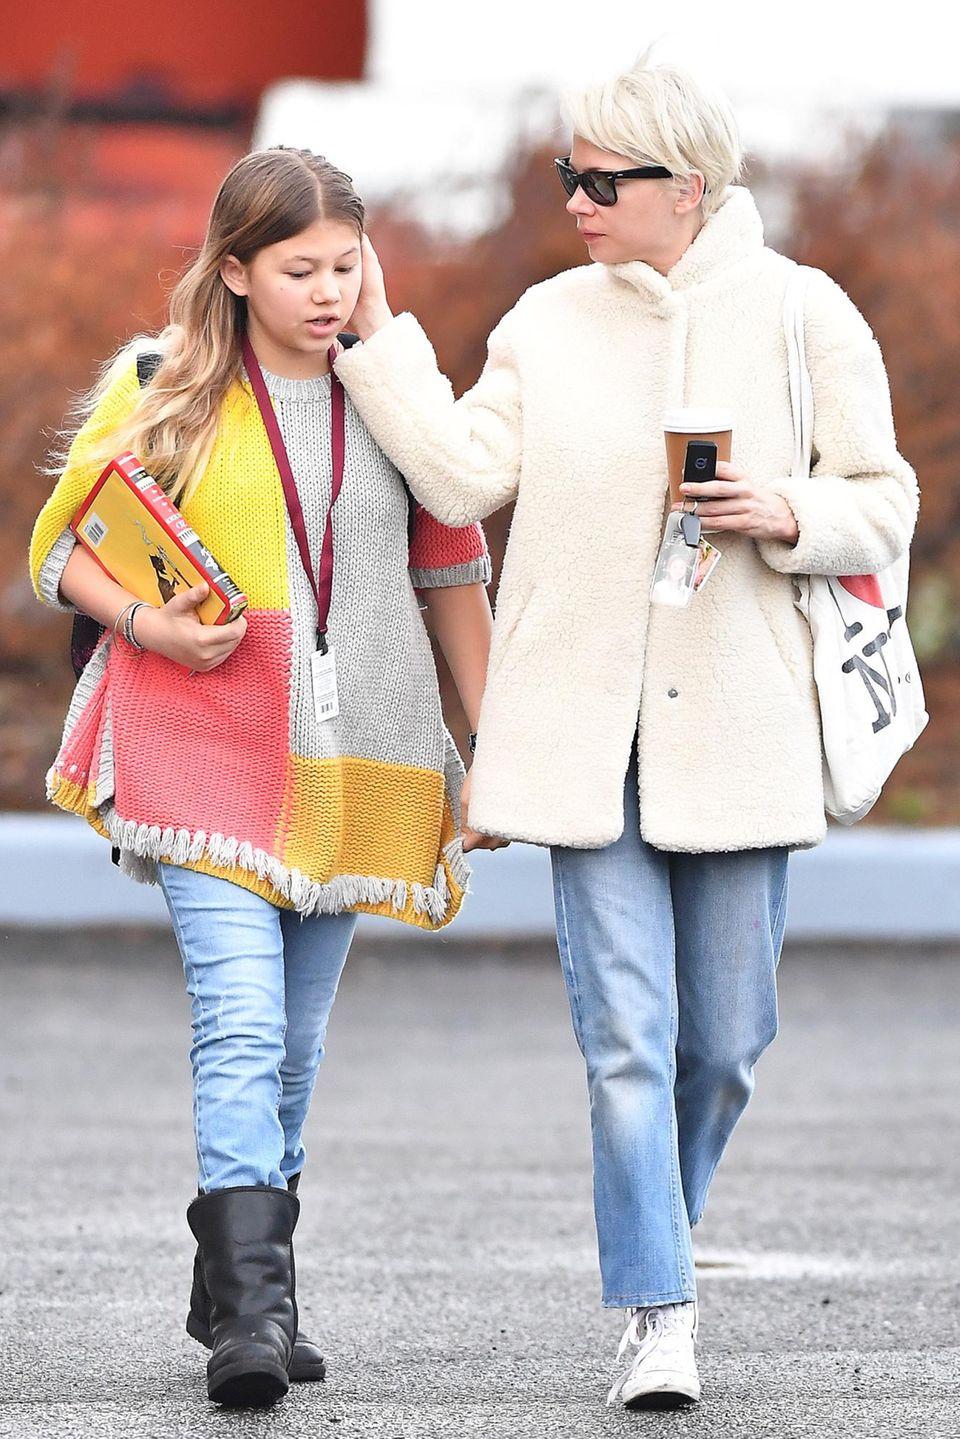 12. Januar 2017: Mütter sind doch immer und überall gleich, auch Matilda Ledger wird nicht verschont, Michelle Williams fuchtelt beim Gehen im Gesicht ihrer Tochter.